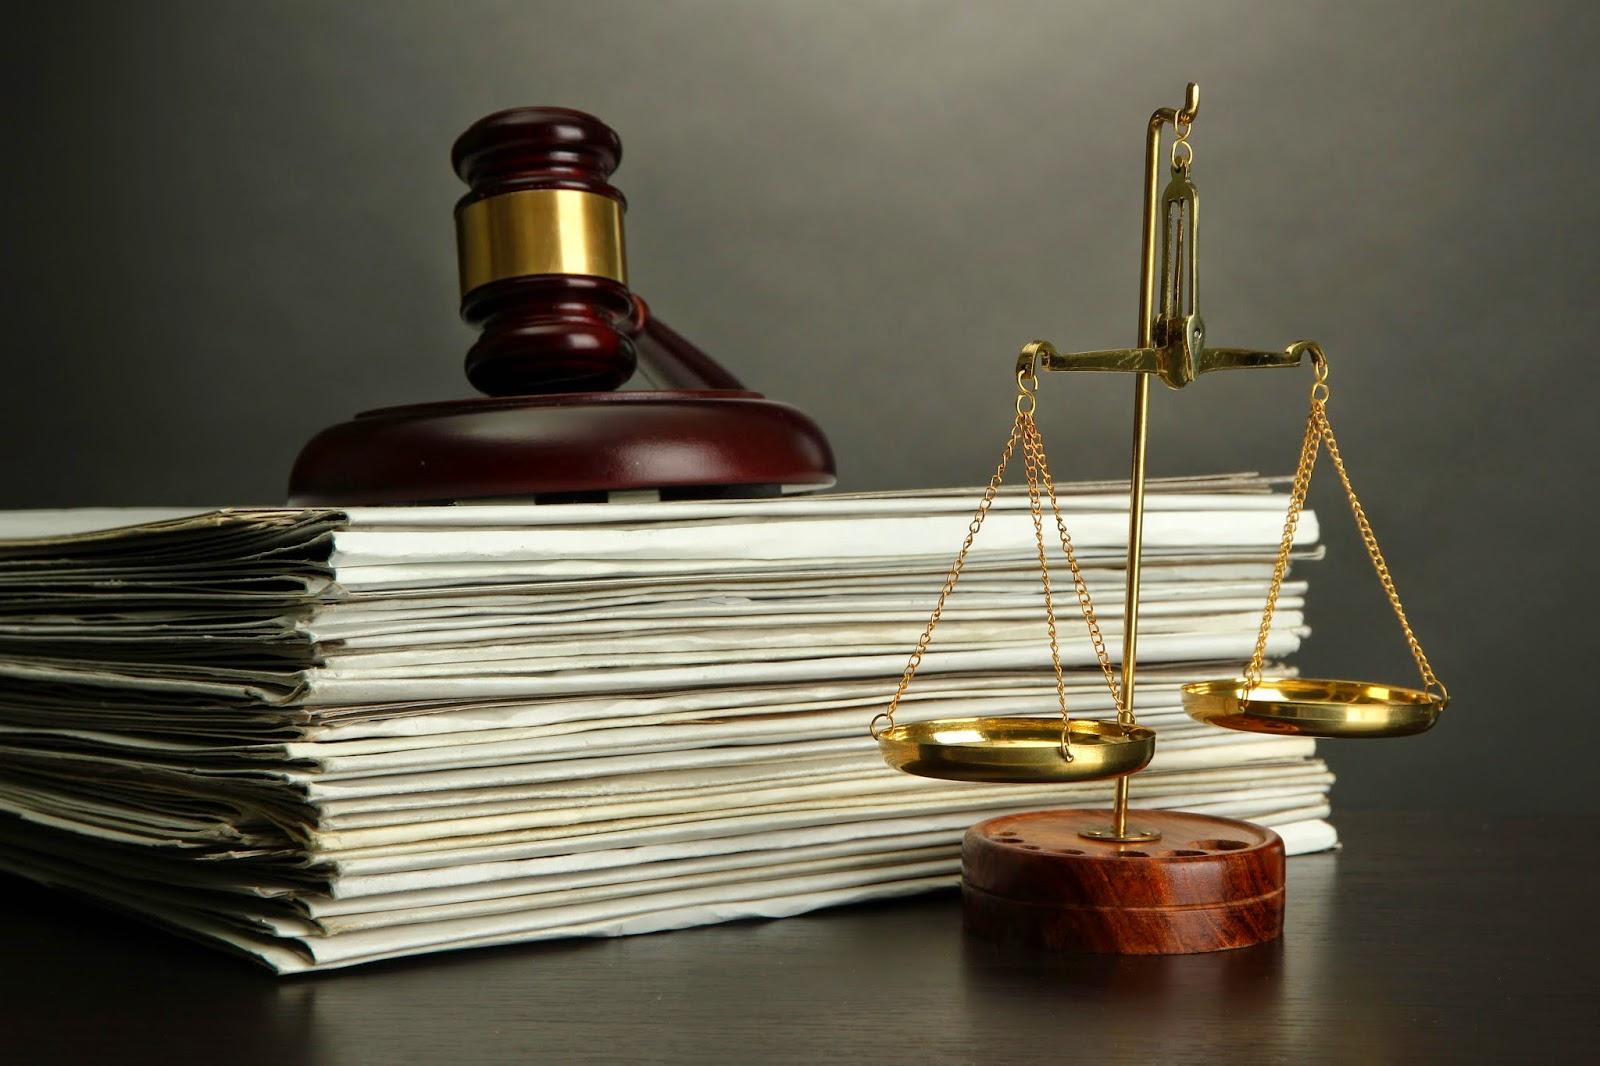 Правила арбитража